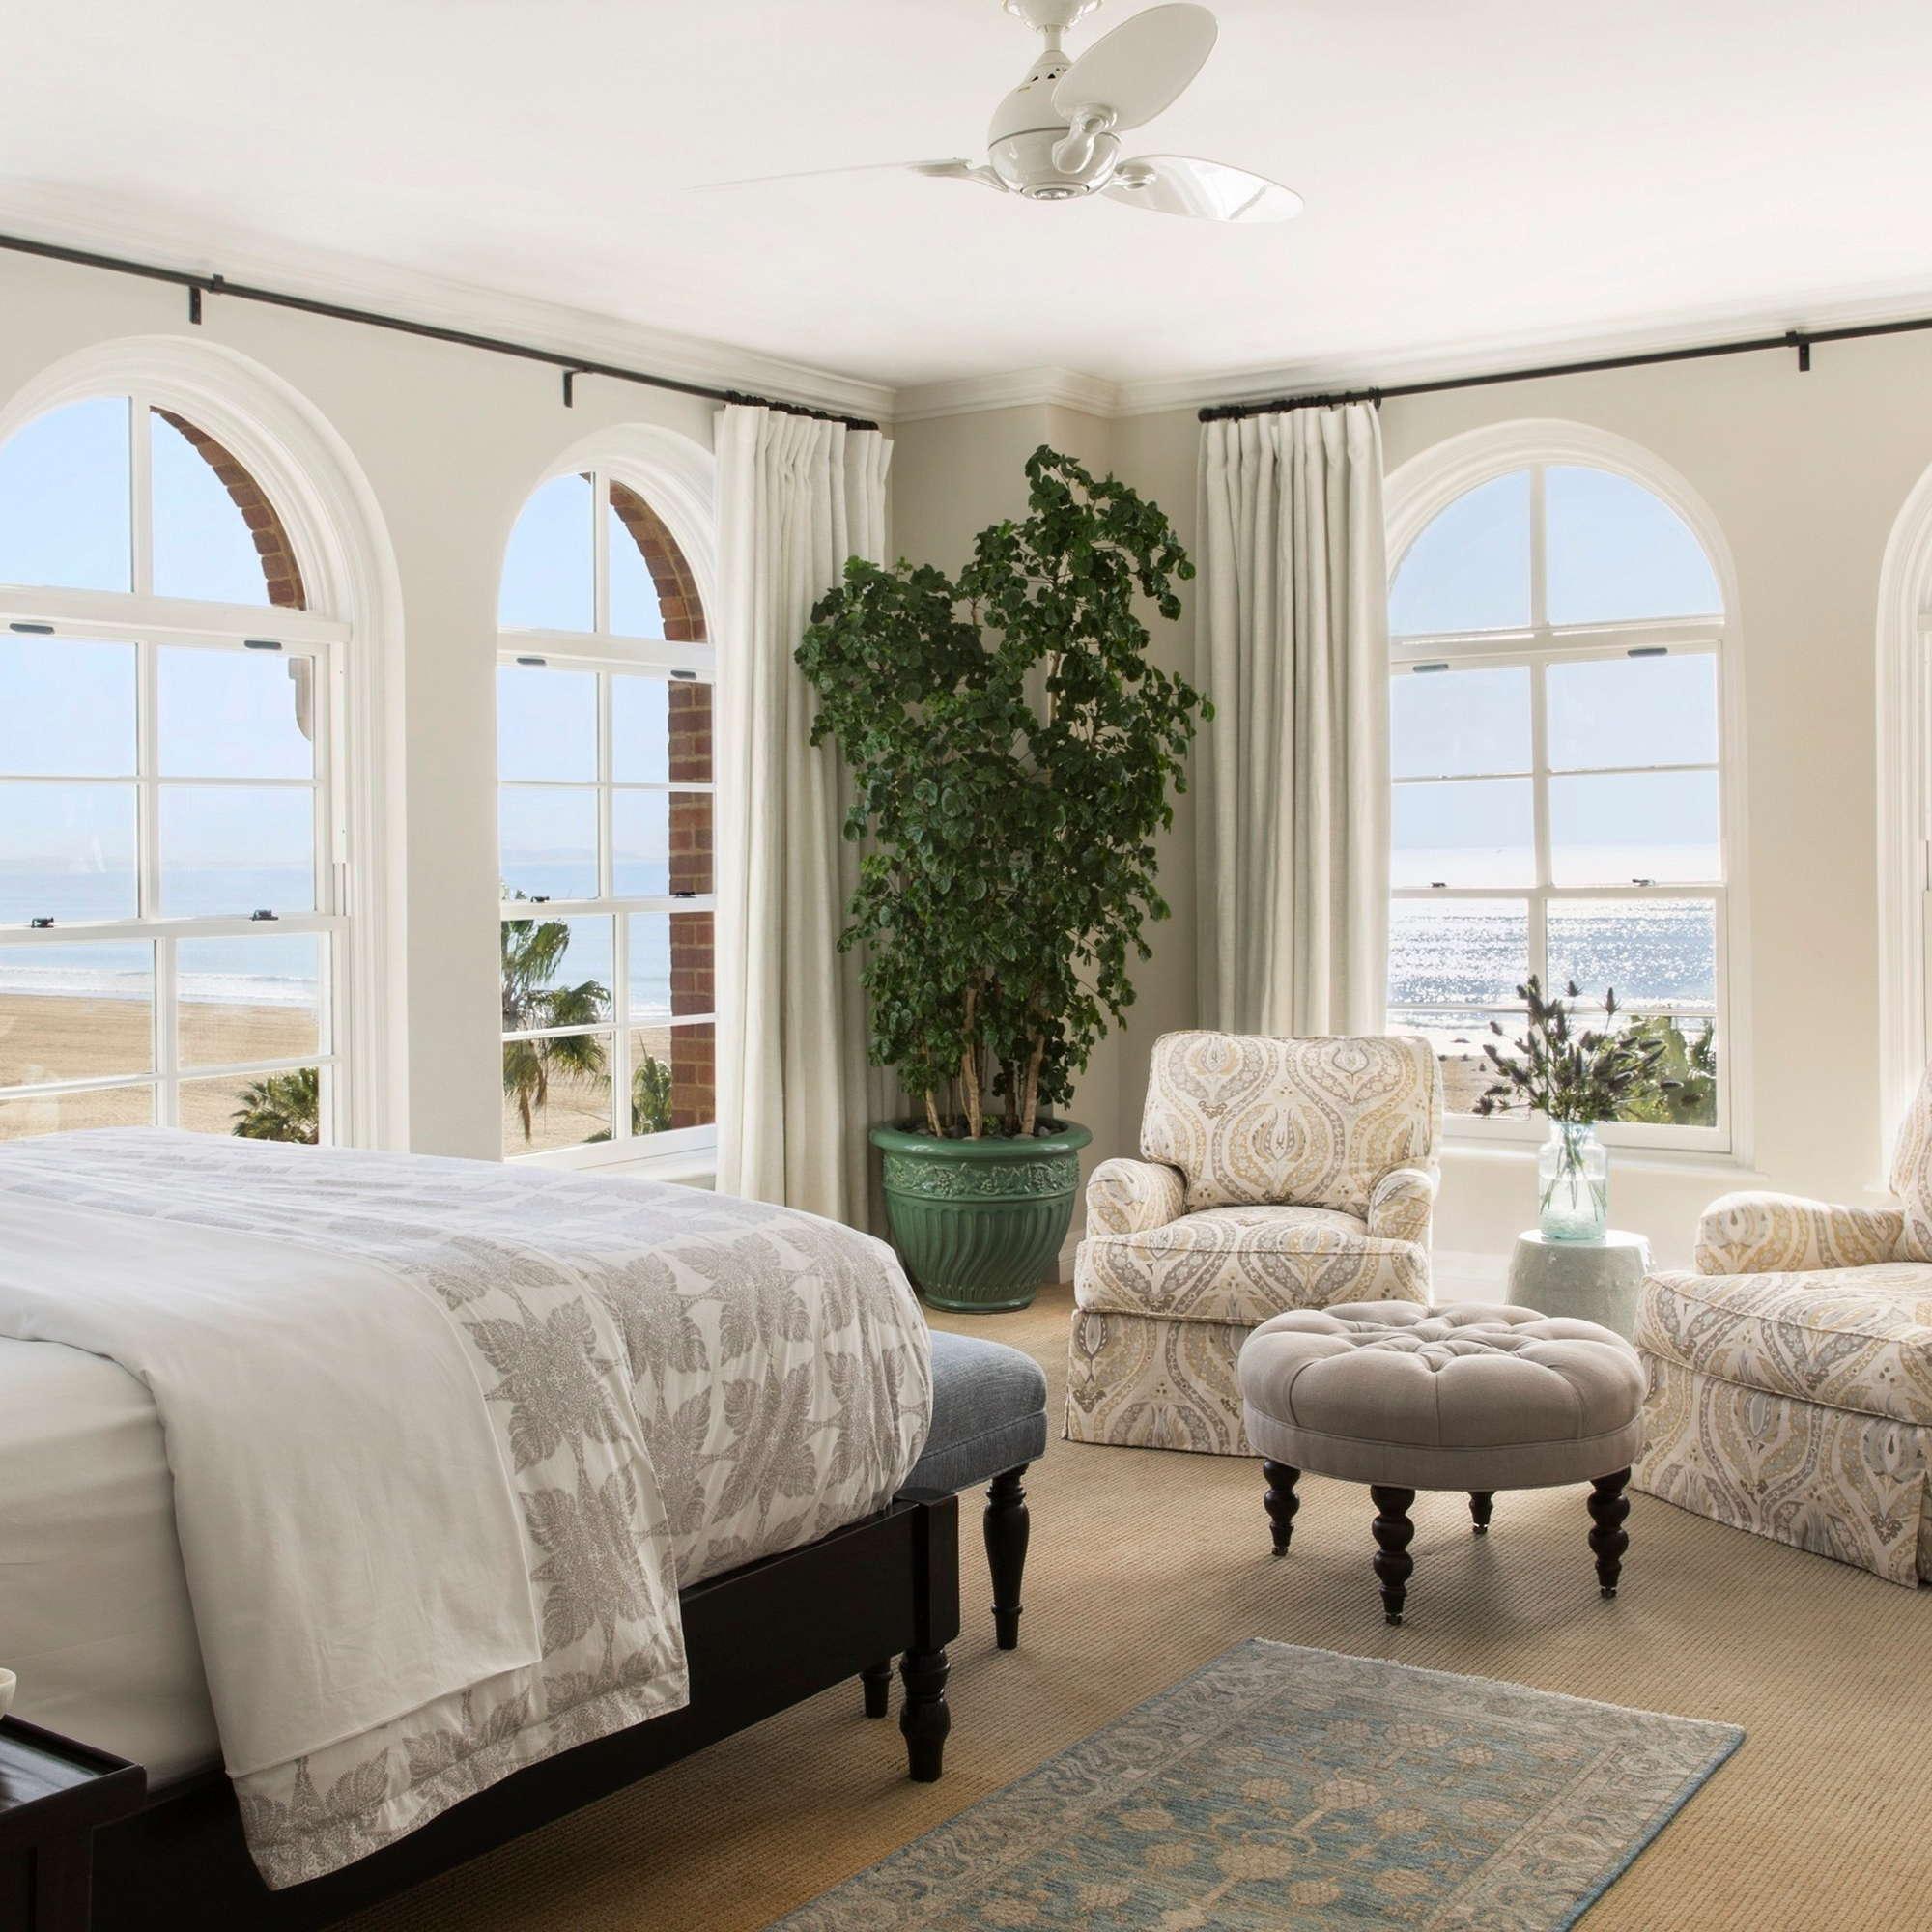 Hotel Casa Del Mar Expert Review Fodor S Travel